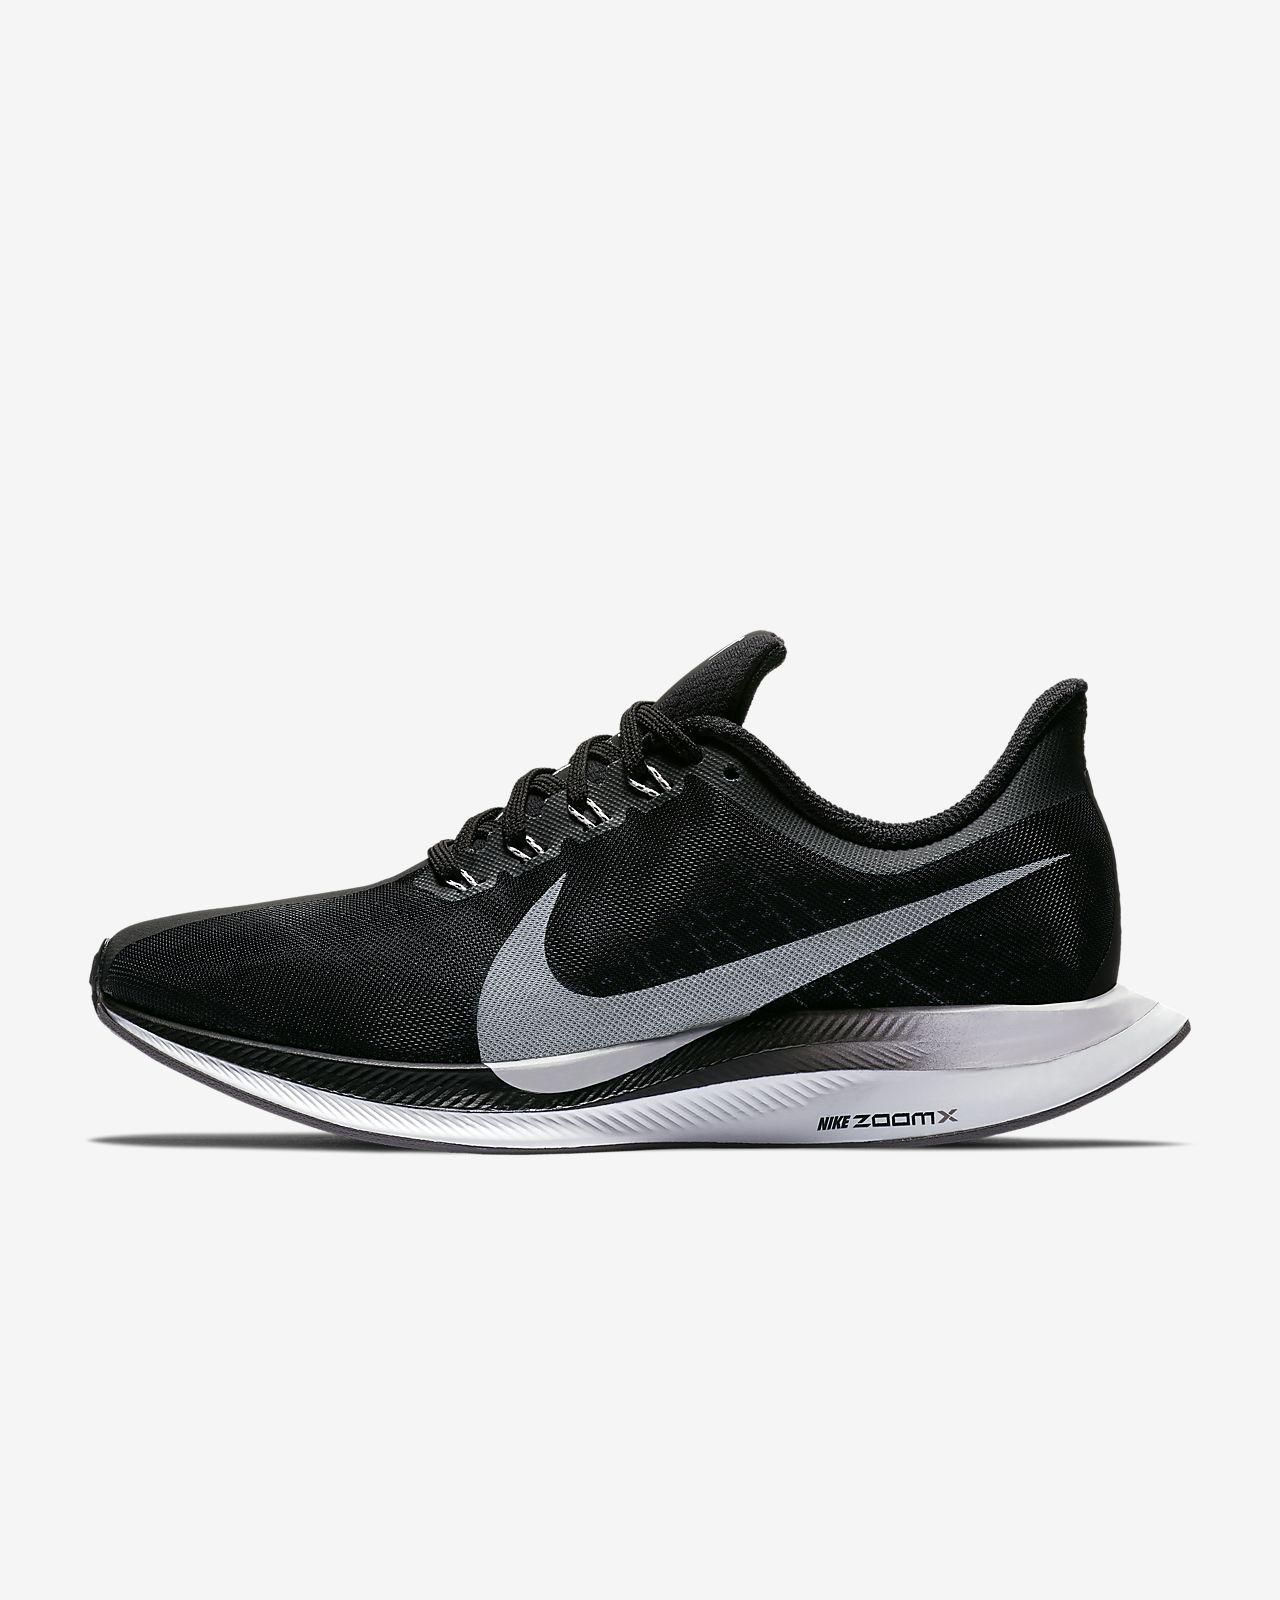 Γυναικείο παπούτσι για τρέξιμο Nike Zoom Pegasus Turbo